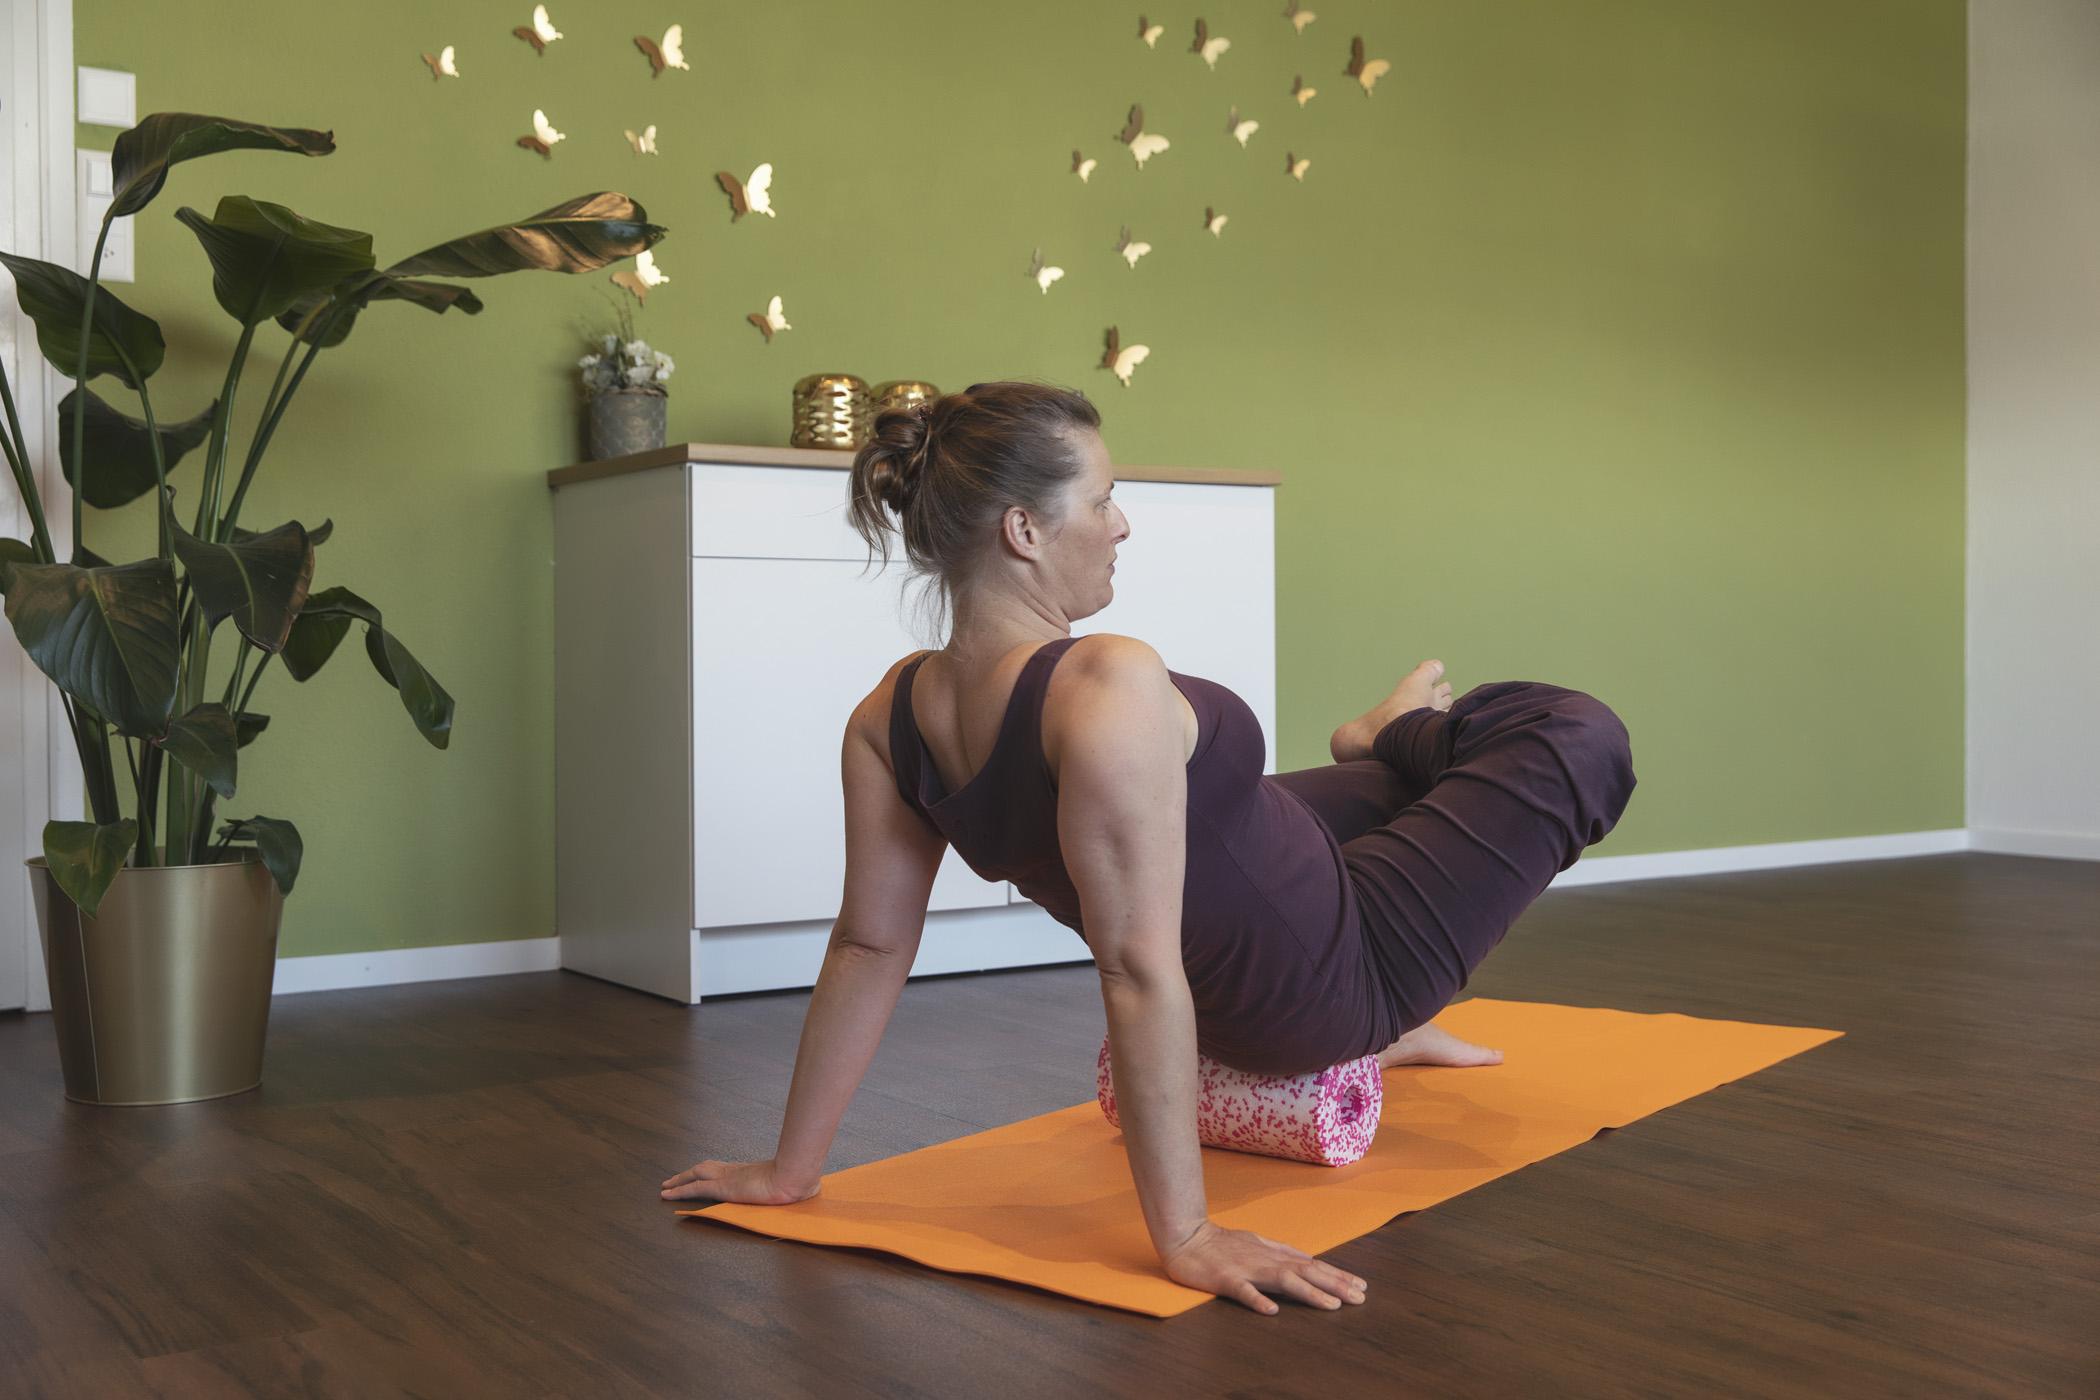 Schwangerschafts-Yoga jeweils Montags 17.30 Uhr